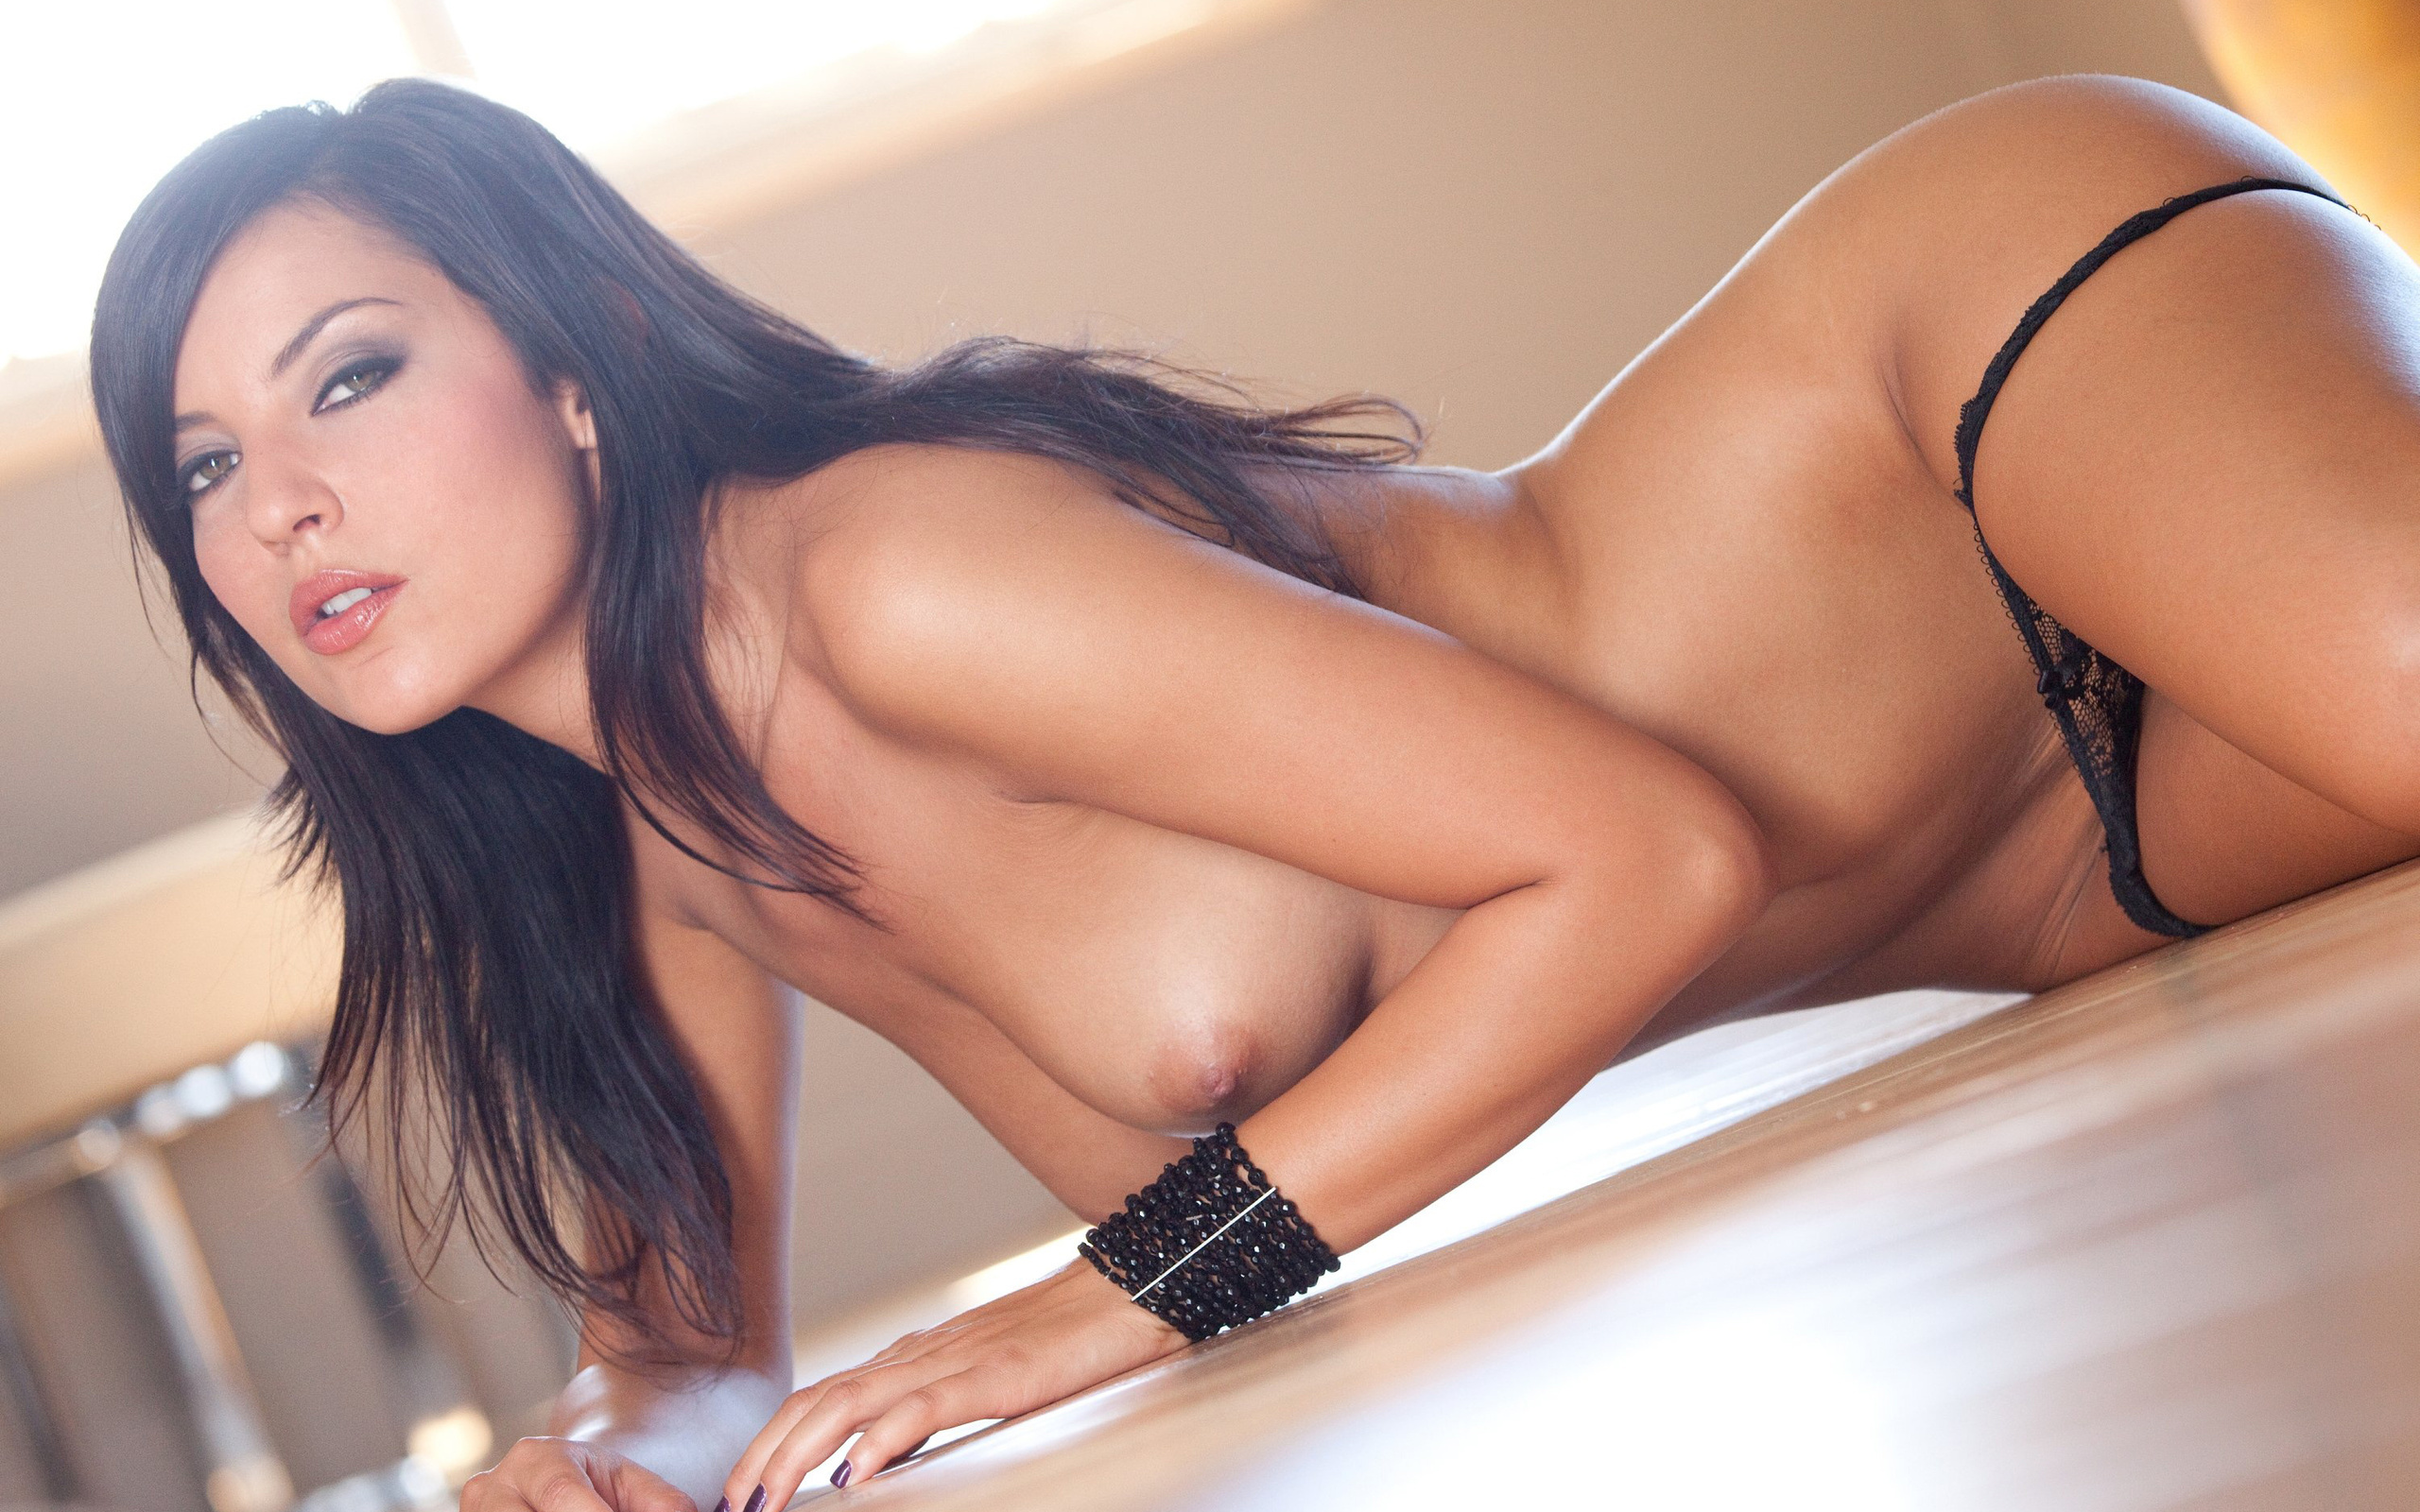 Эротичные брюнетки красивые, Голые брюнетки - фото обнаженных брюнеток 11 фотография